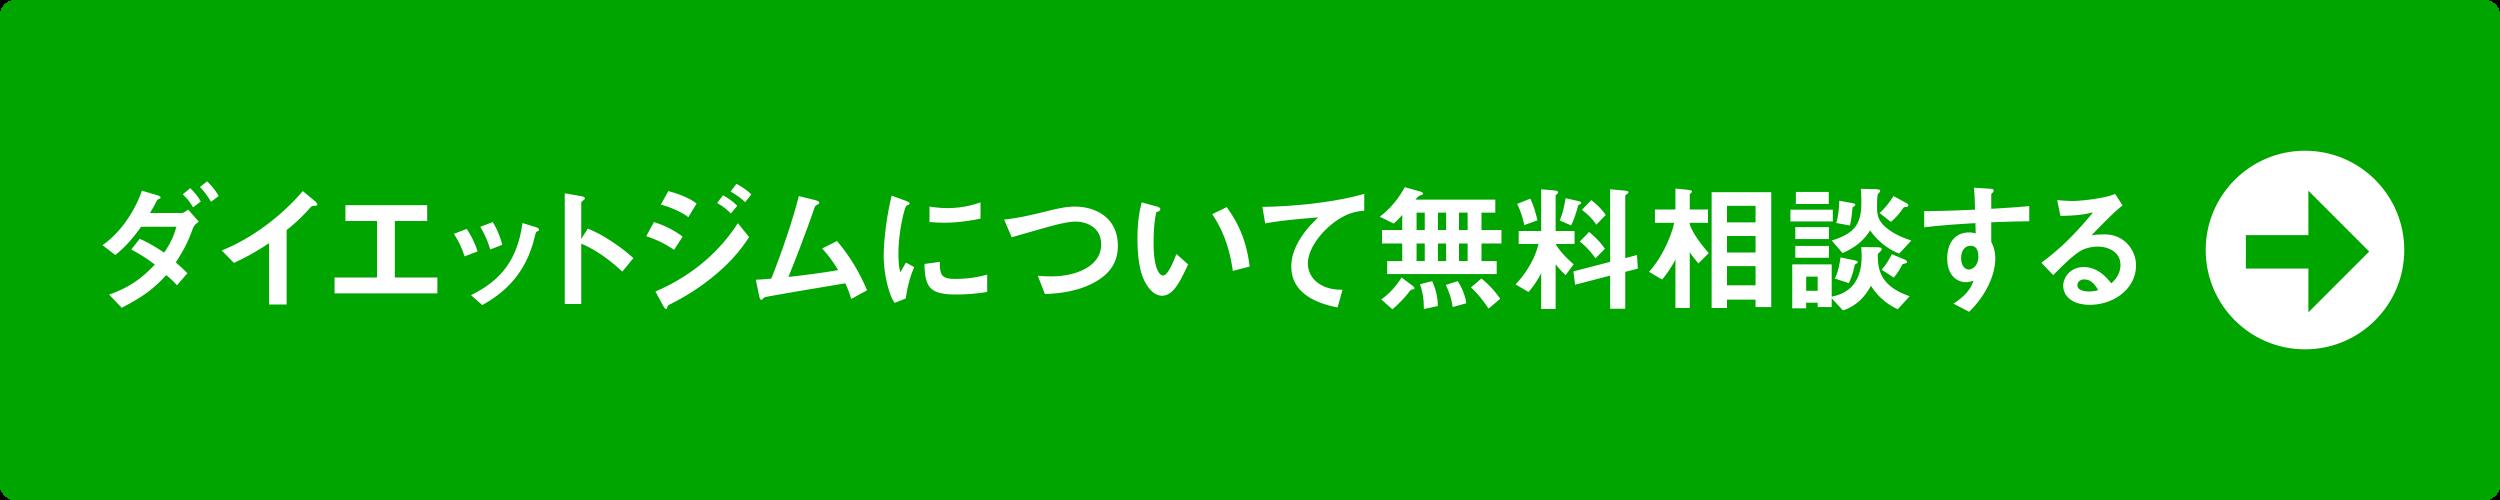 茨城県のダイエットジム・パーソナルトレーニングの問い合わせボタン